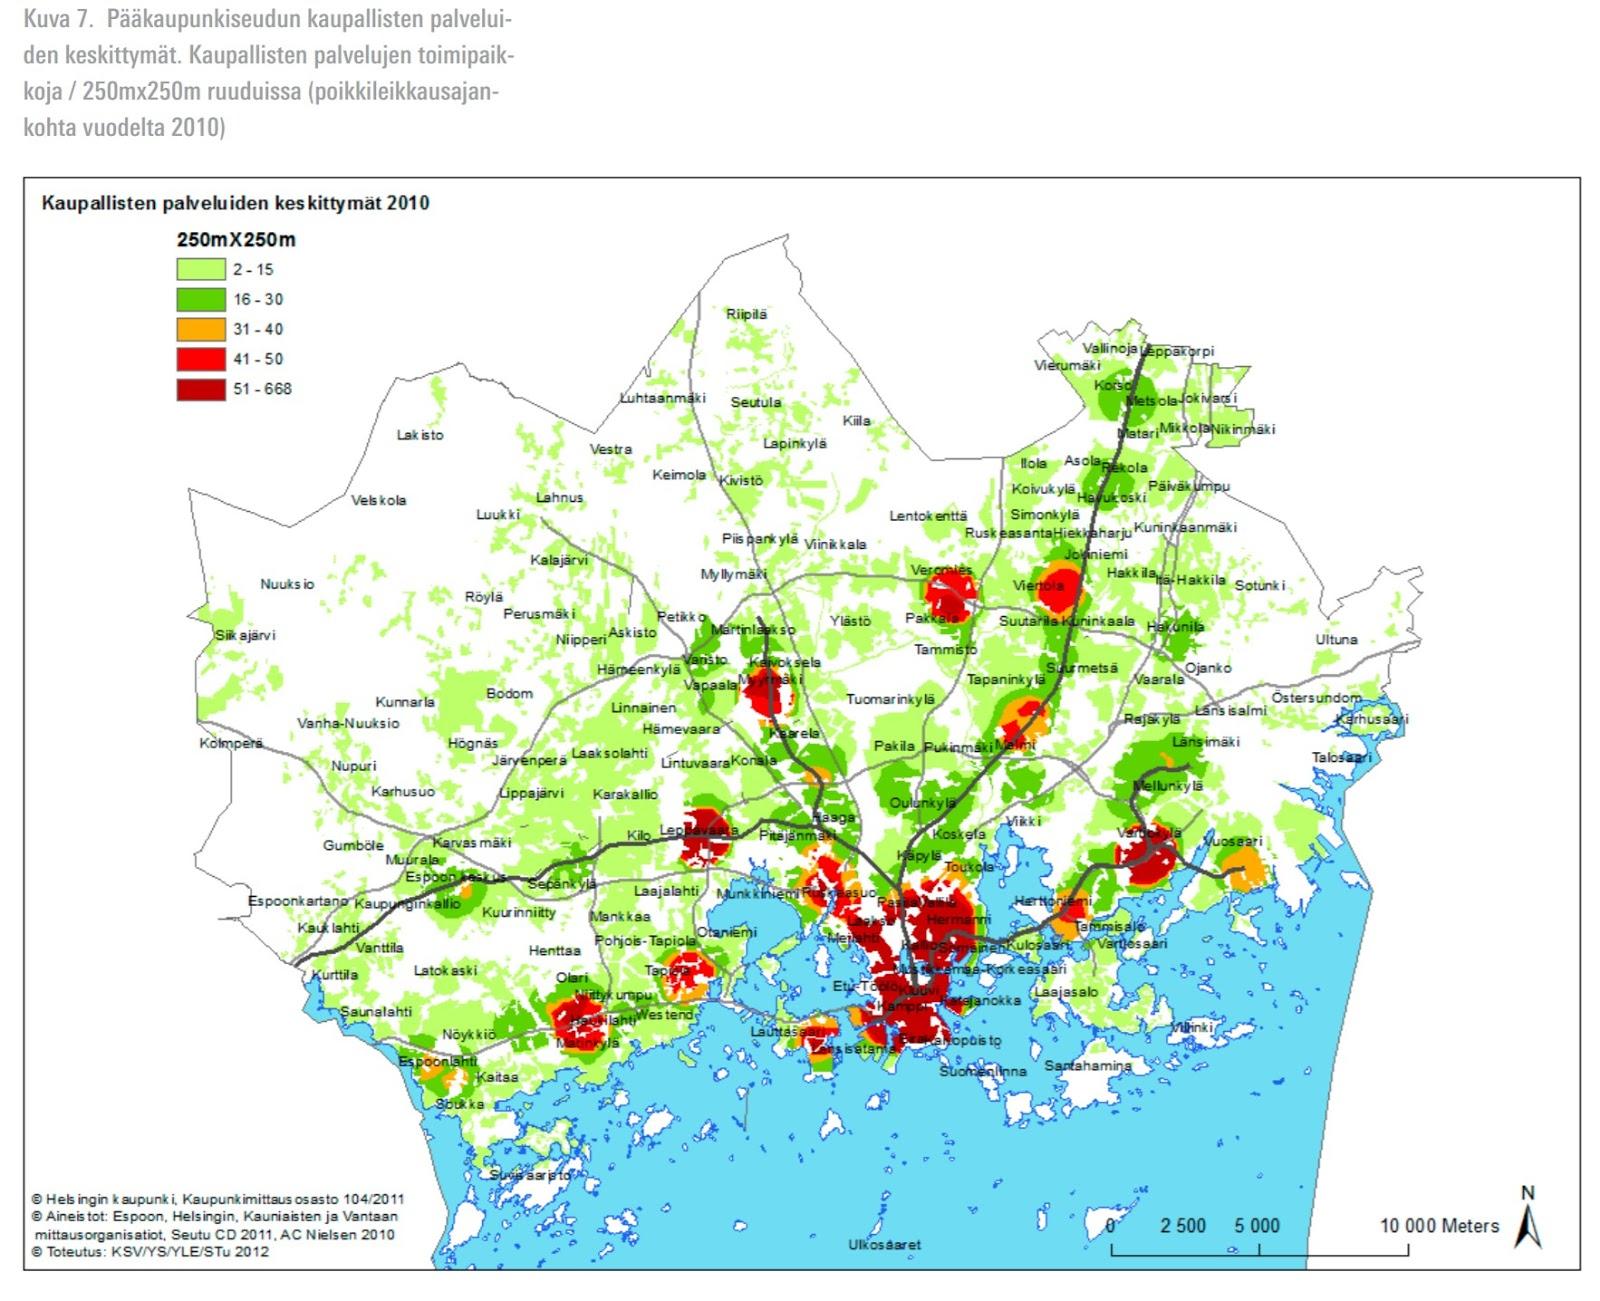 Paakaupunkiseudun Visuaaliset Kartat